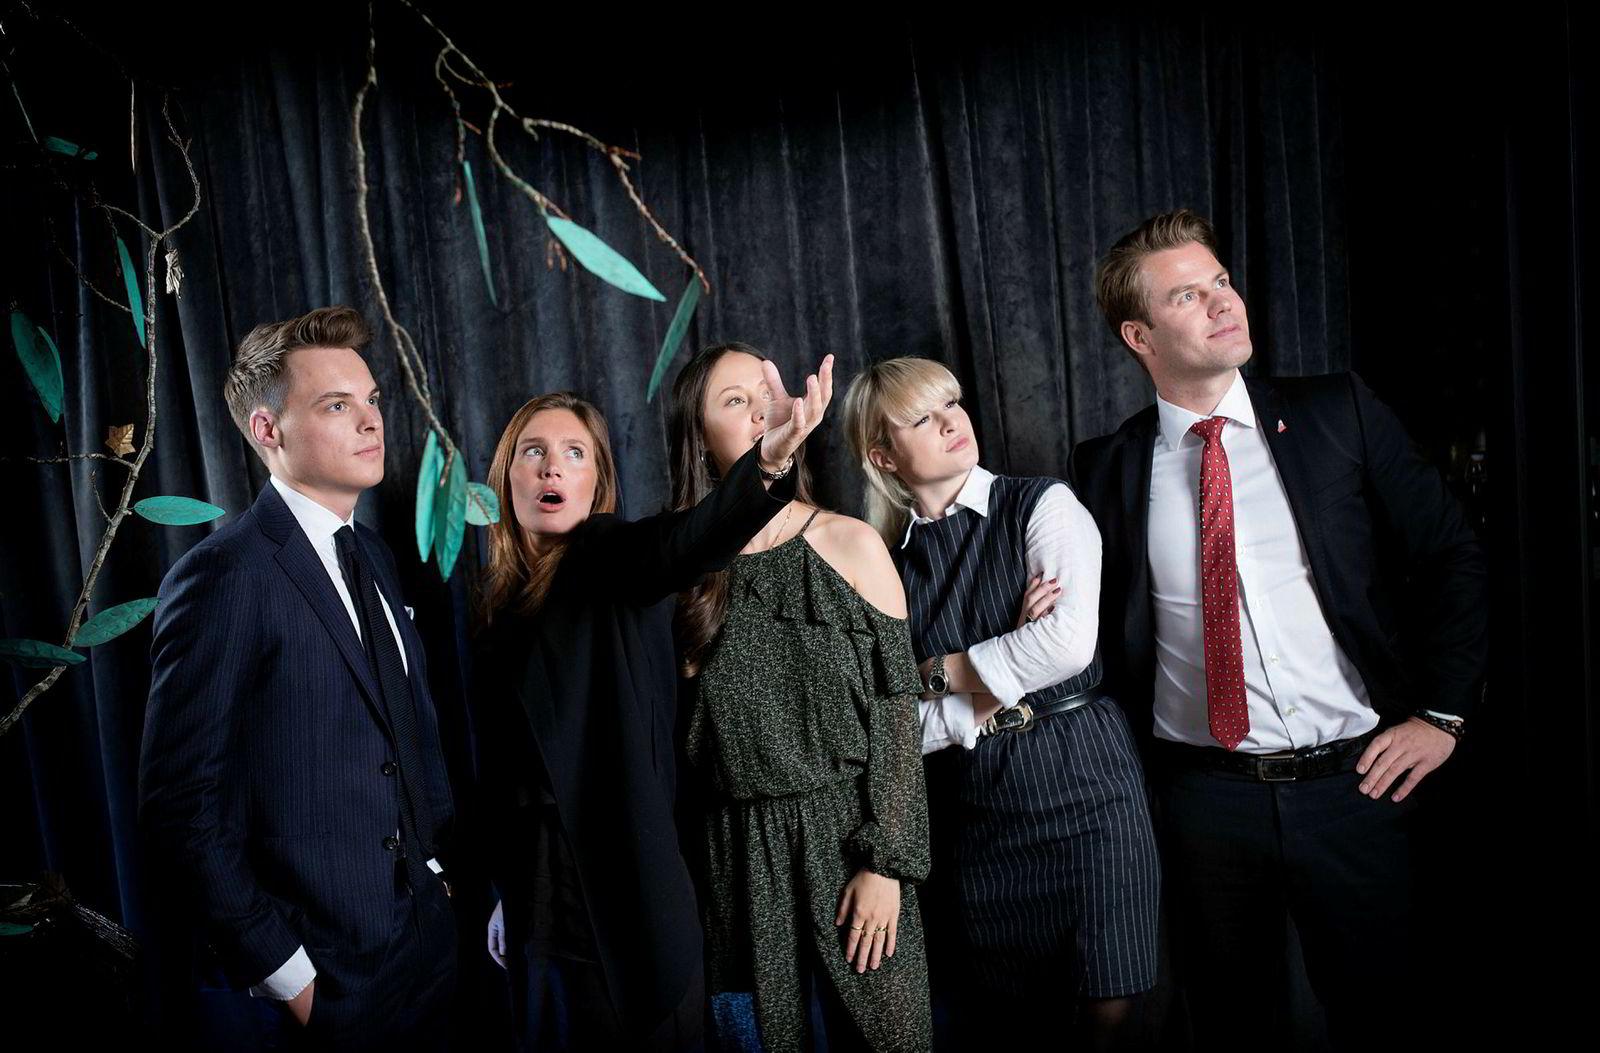 Arvingene heier på Uber og tror fisk er fremtiden til Norge. Fra venstre: Gustav M. Witzøe, Anette Ringnes, Sasha Siem, Katharina G. Andresen og Lars Ola Kjos.